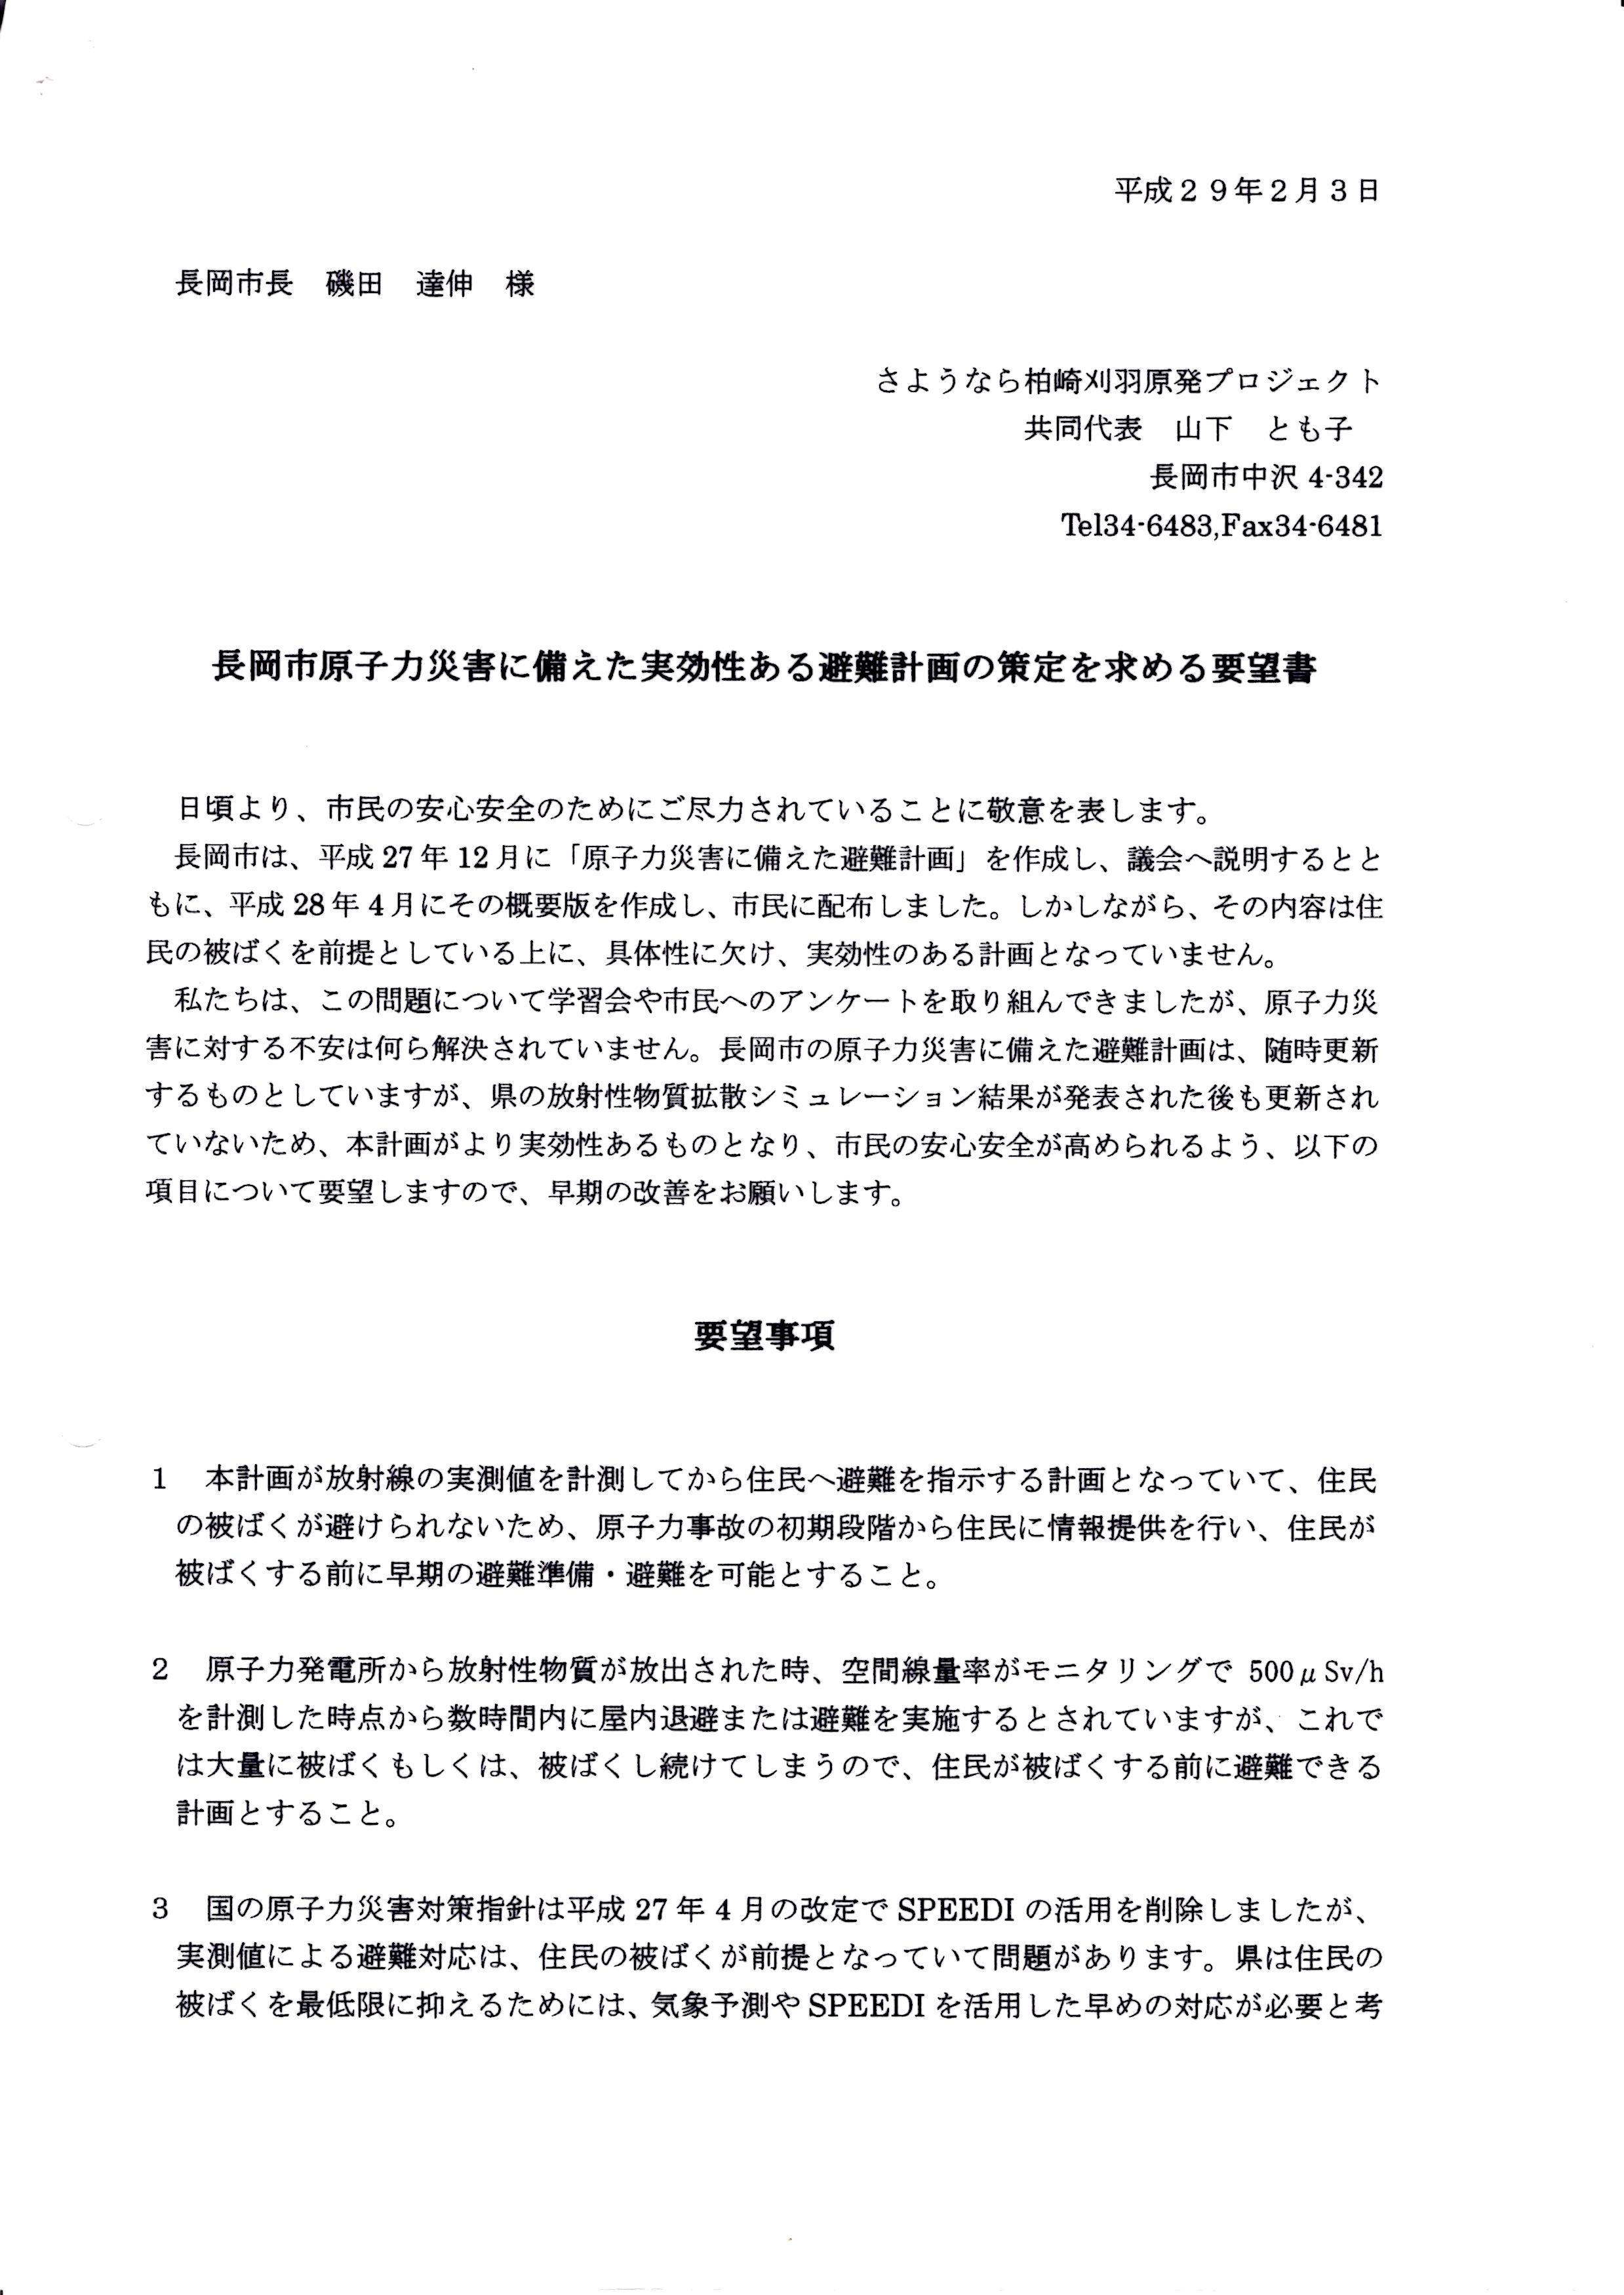 29.2.3 長岡市への要望書1ページ